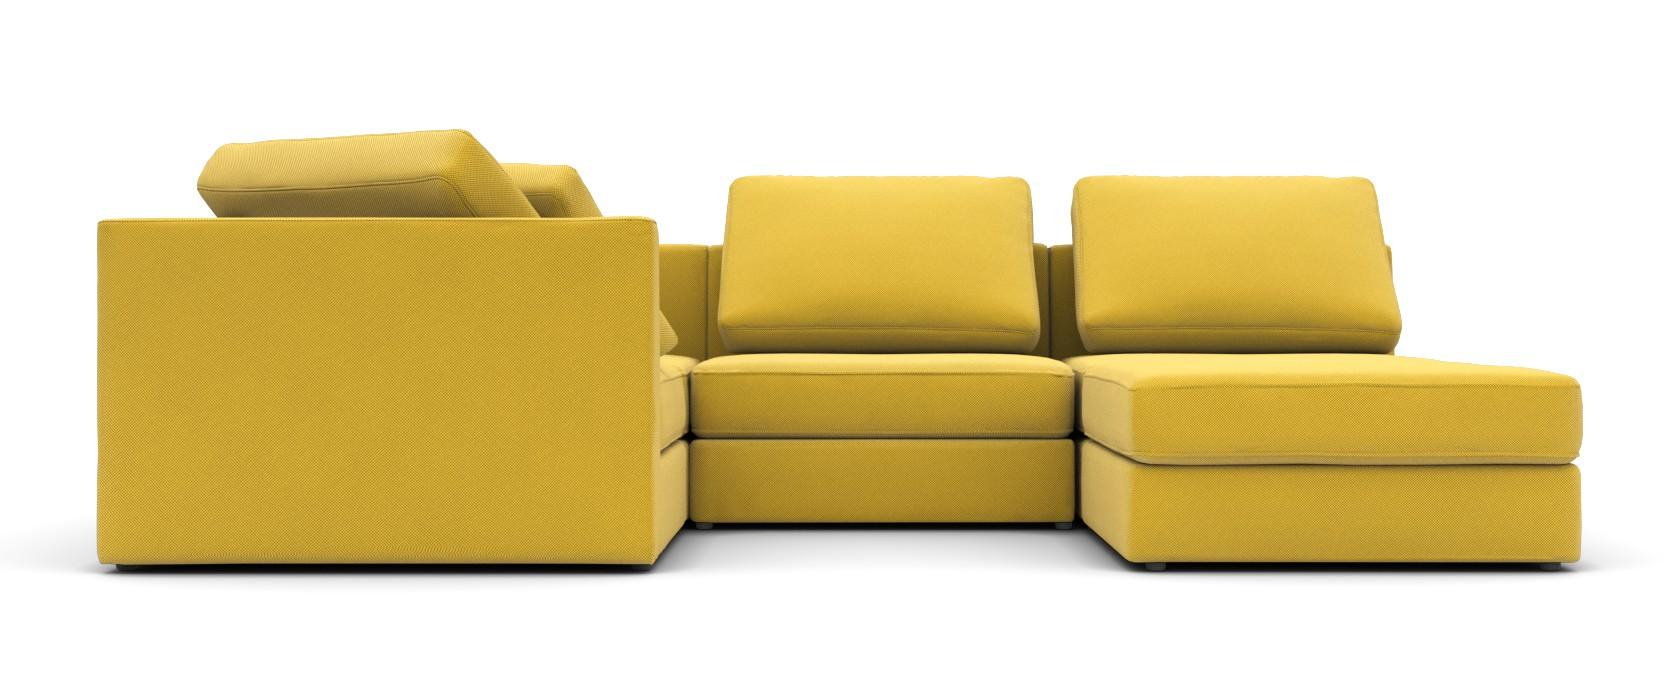 Модульный диван Lisboa 288x216 - Pufetto